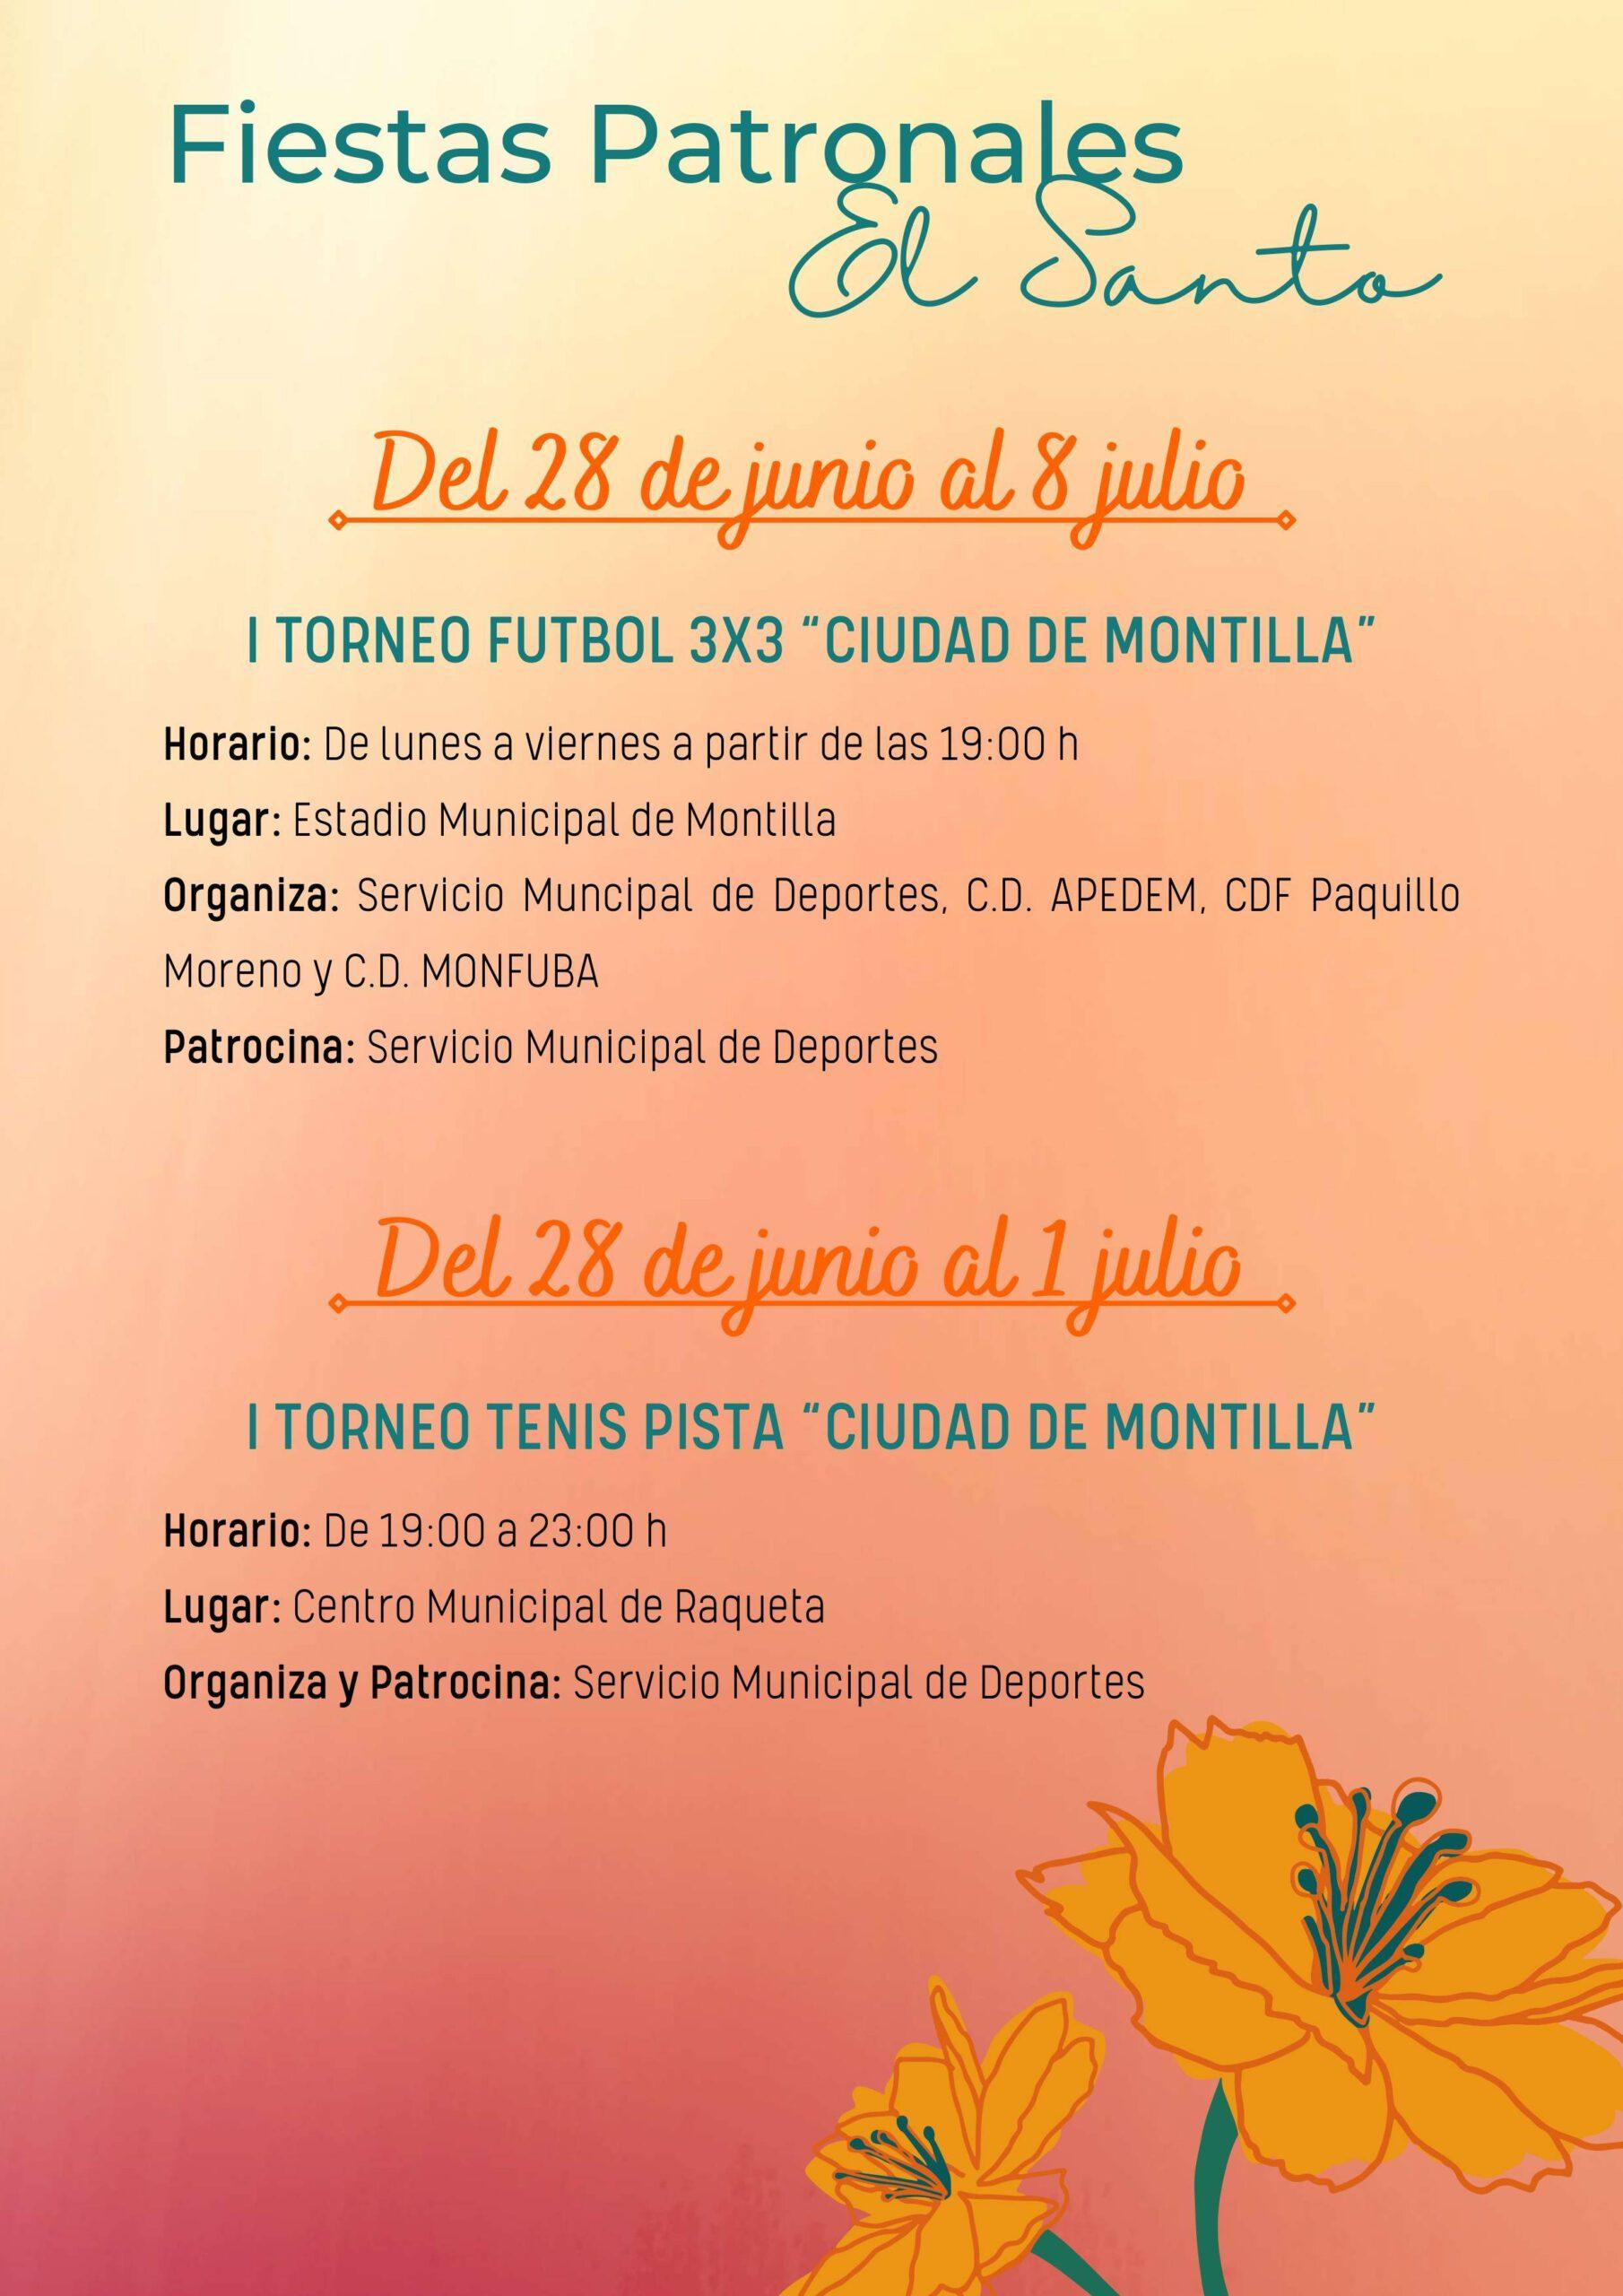 Fiestas patronales de El Santo (2021) - Montilla (Córdoba) 3